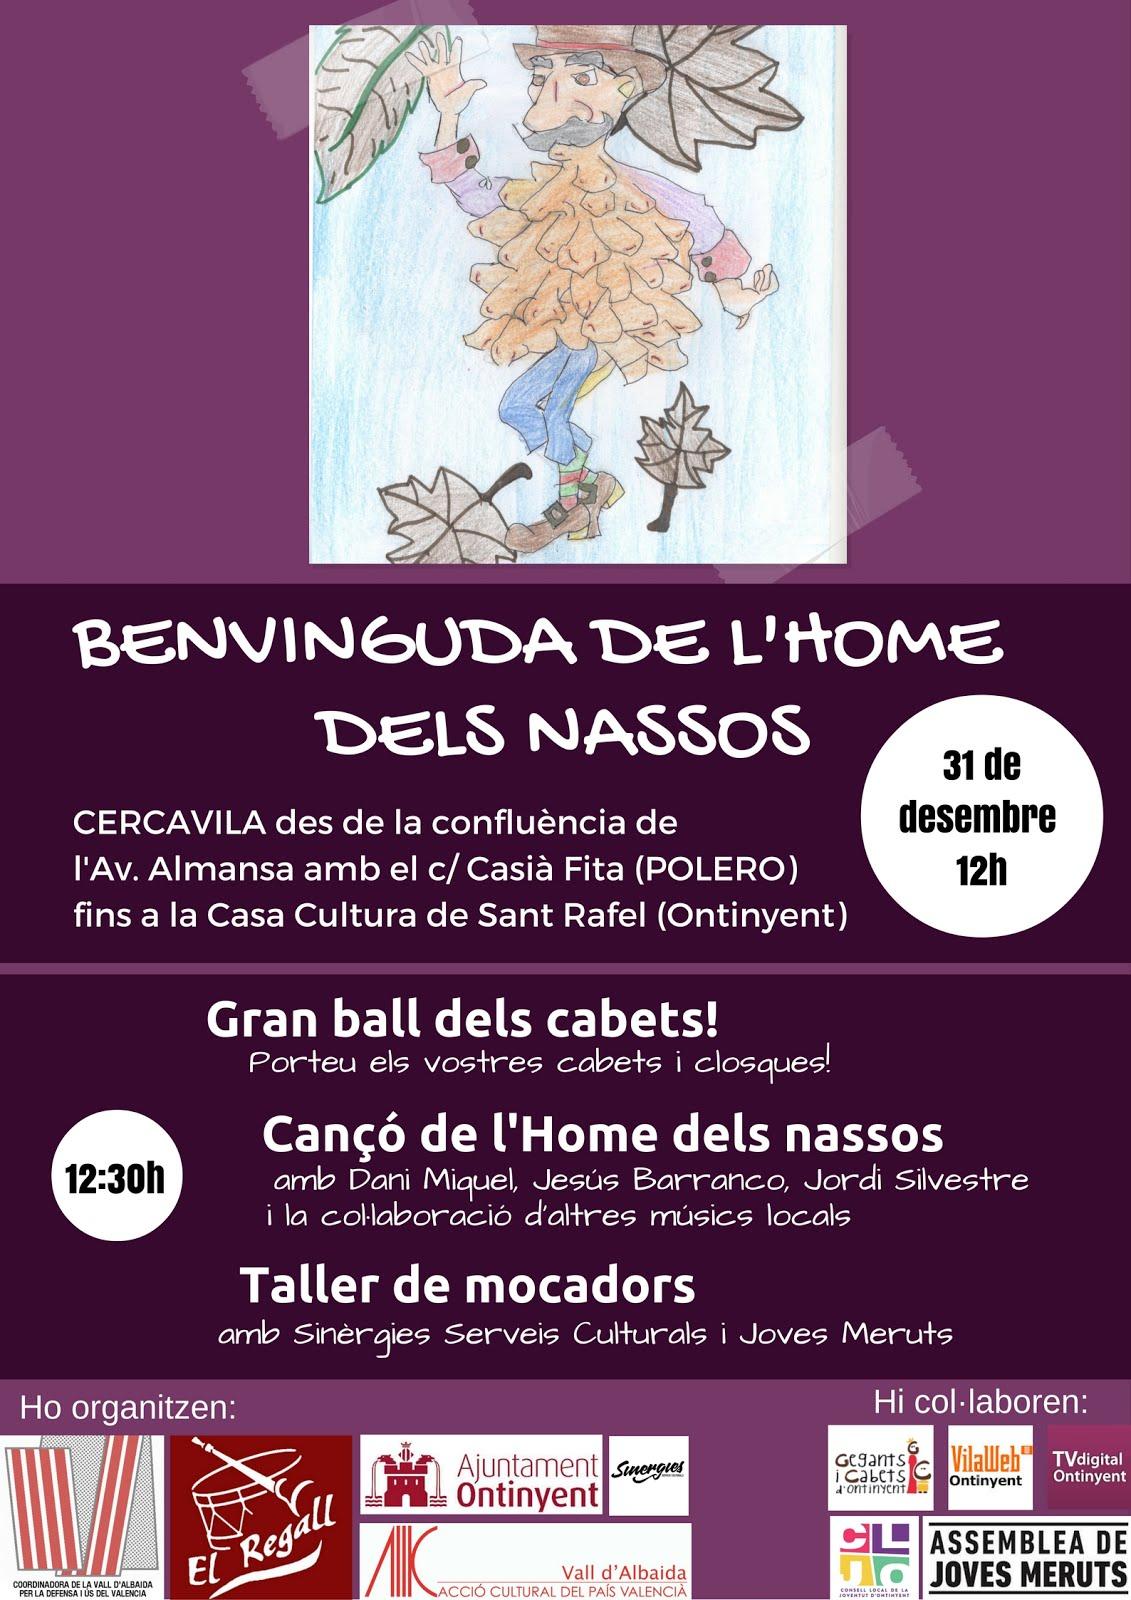 FESTA DE BENVINGUDA DE L'HOME DELS NASSOS